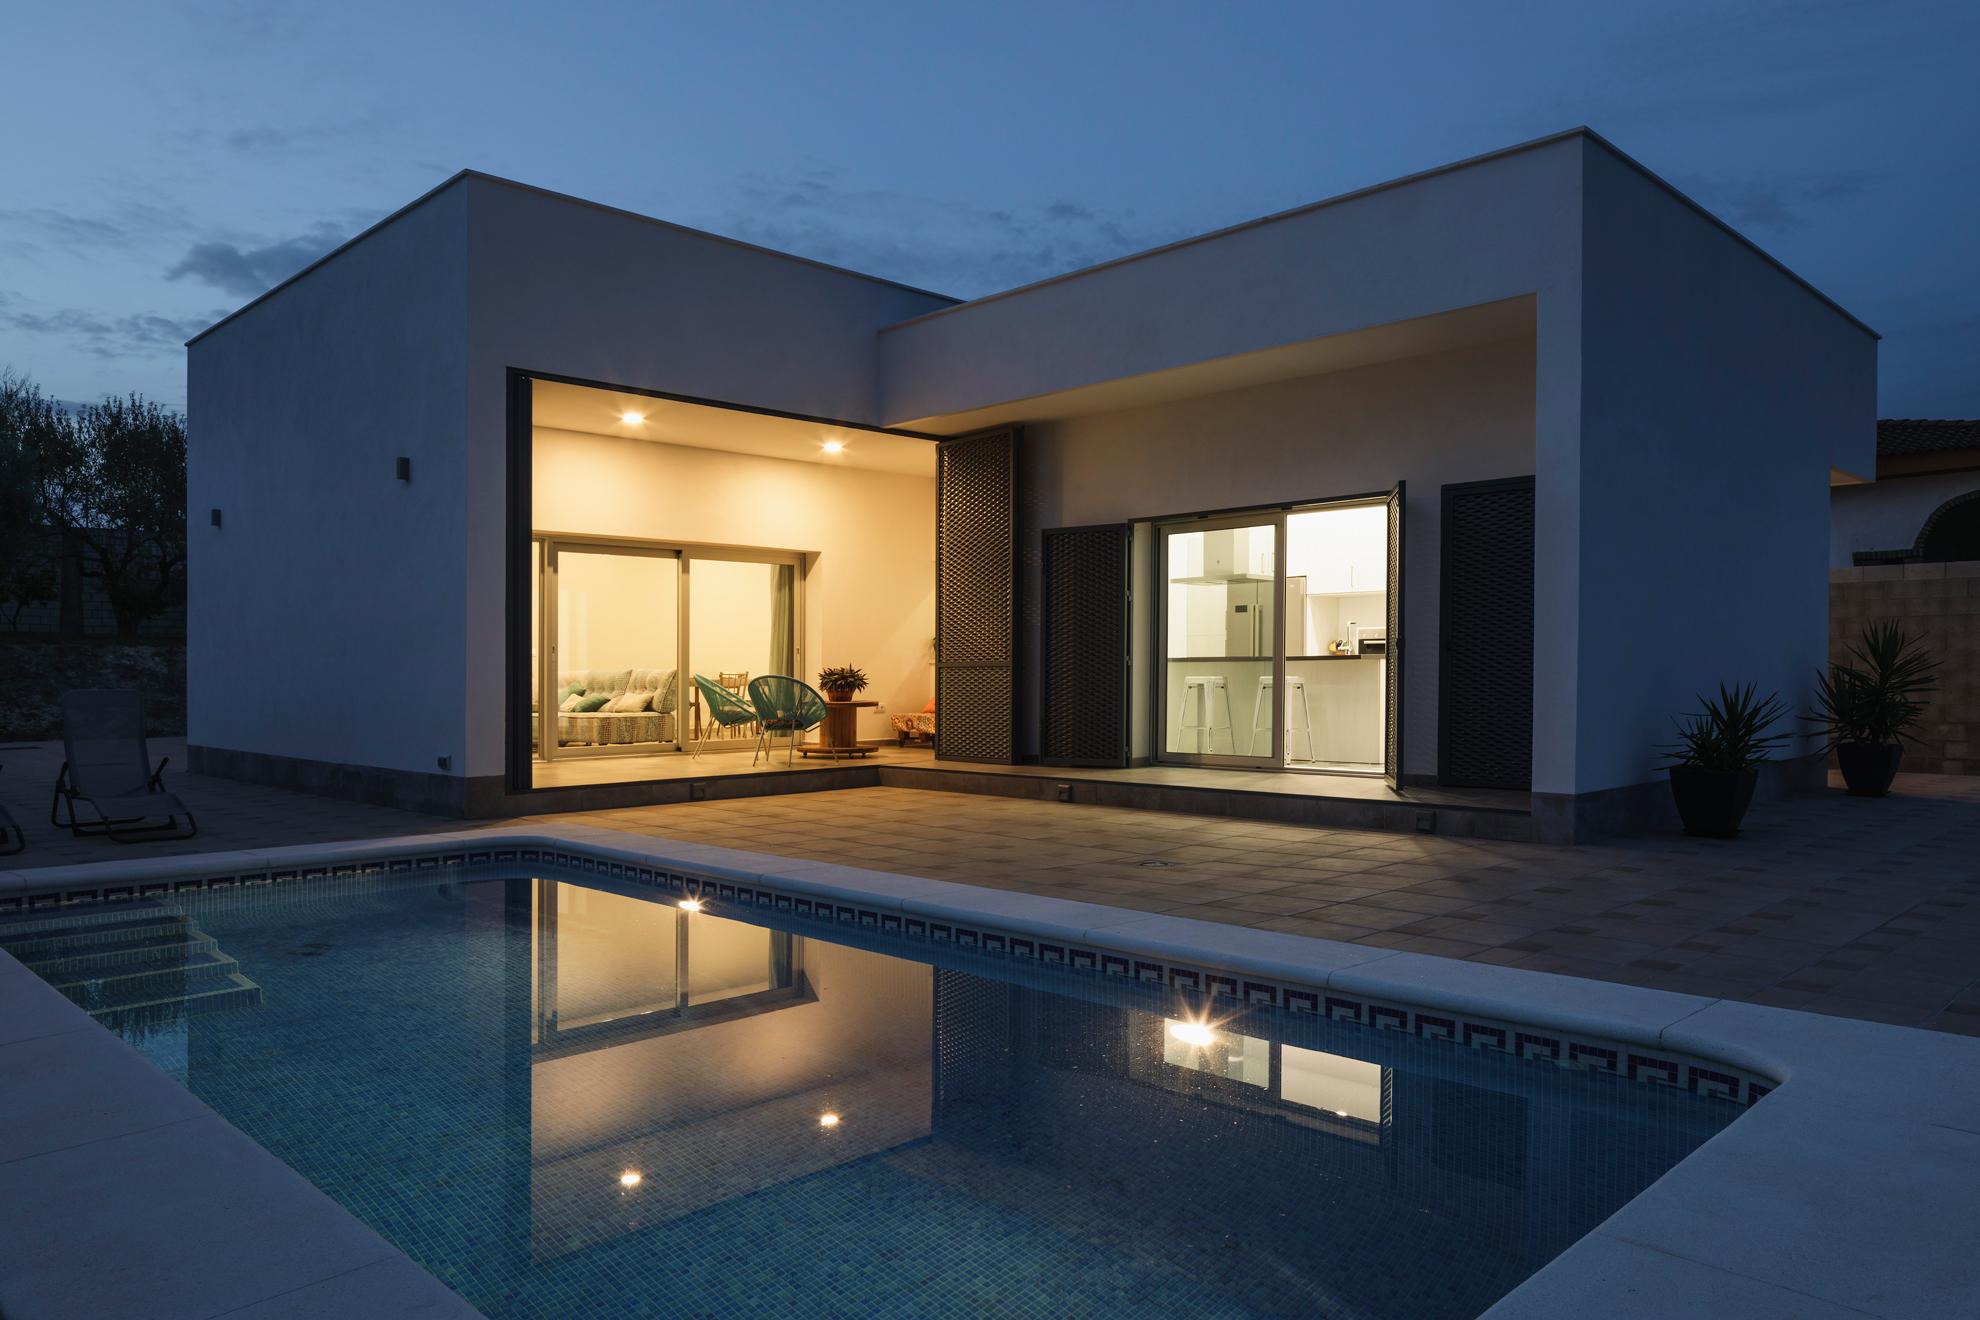 Casa miranda architect magazine faq arquitectura for Casa minimalista 4 dormitorios